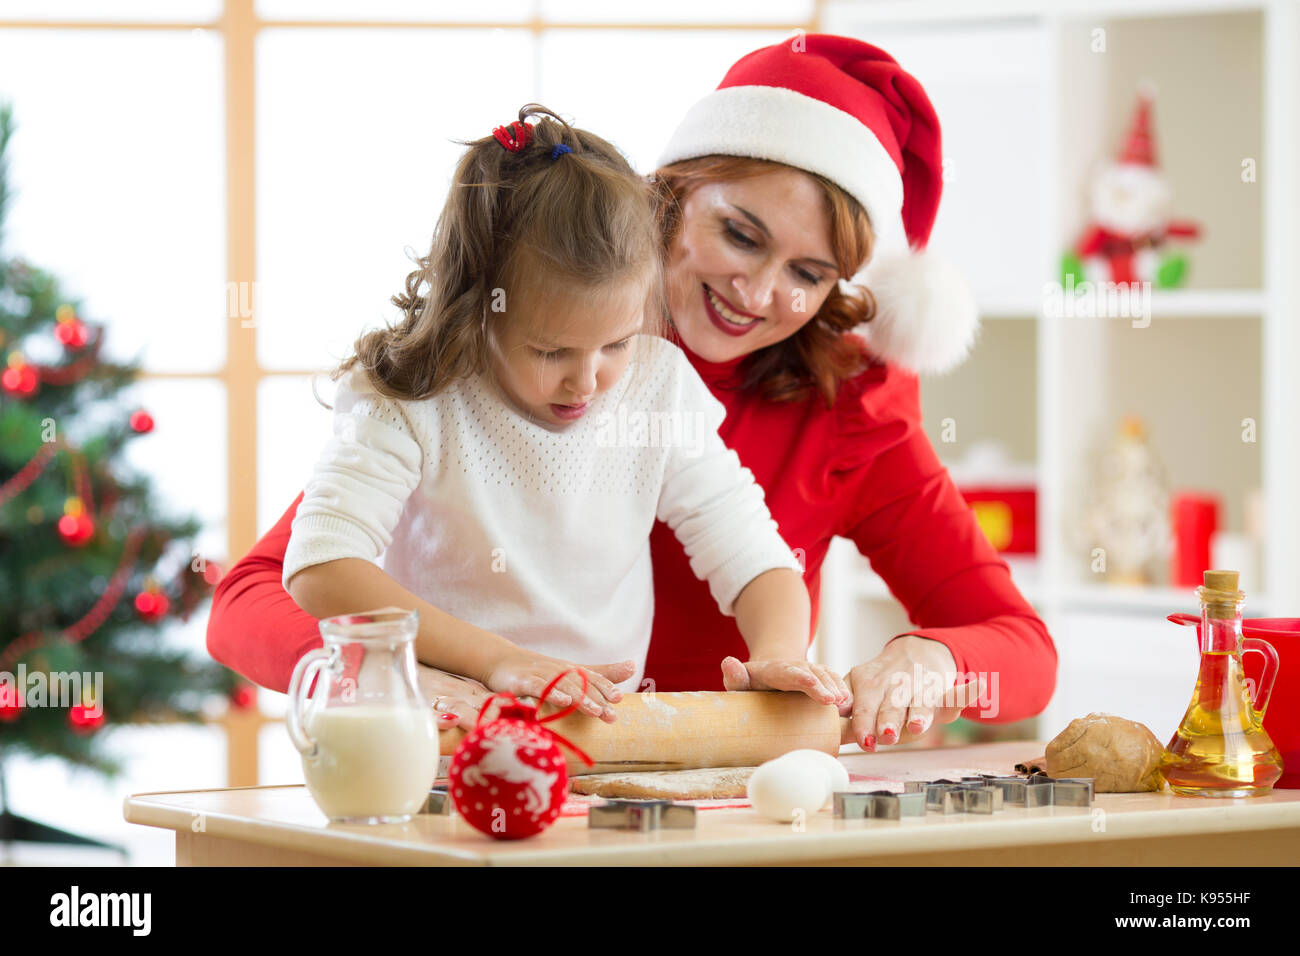 La famille de la mère et l'enfant rouler la pâte, cuire les biscuits de Noël dans cette chambre Photo Stock